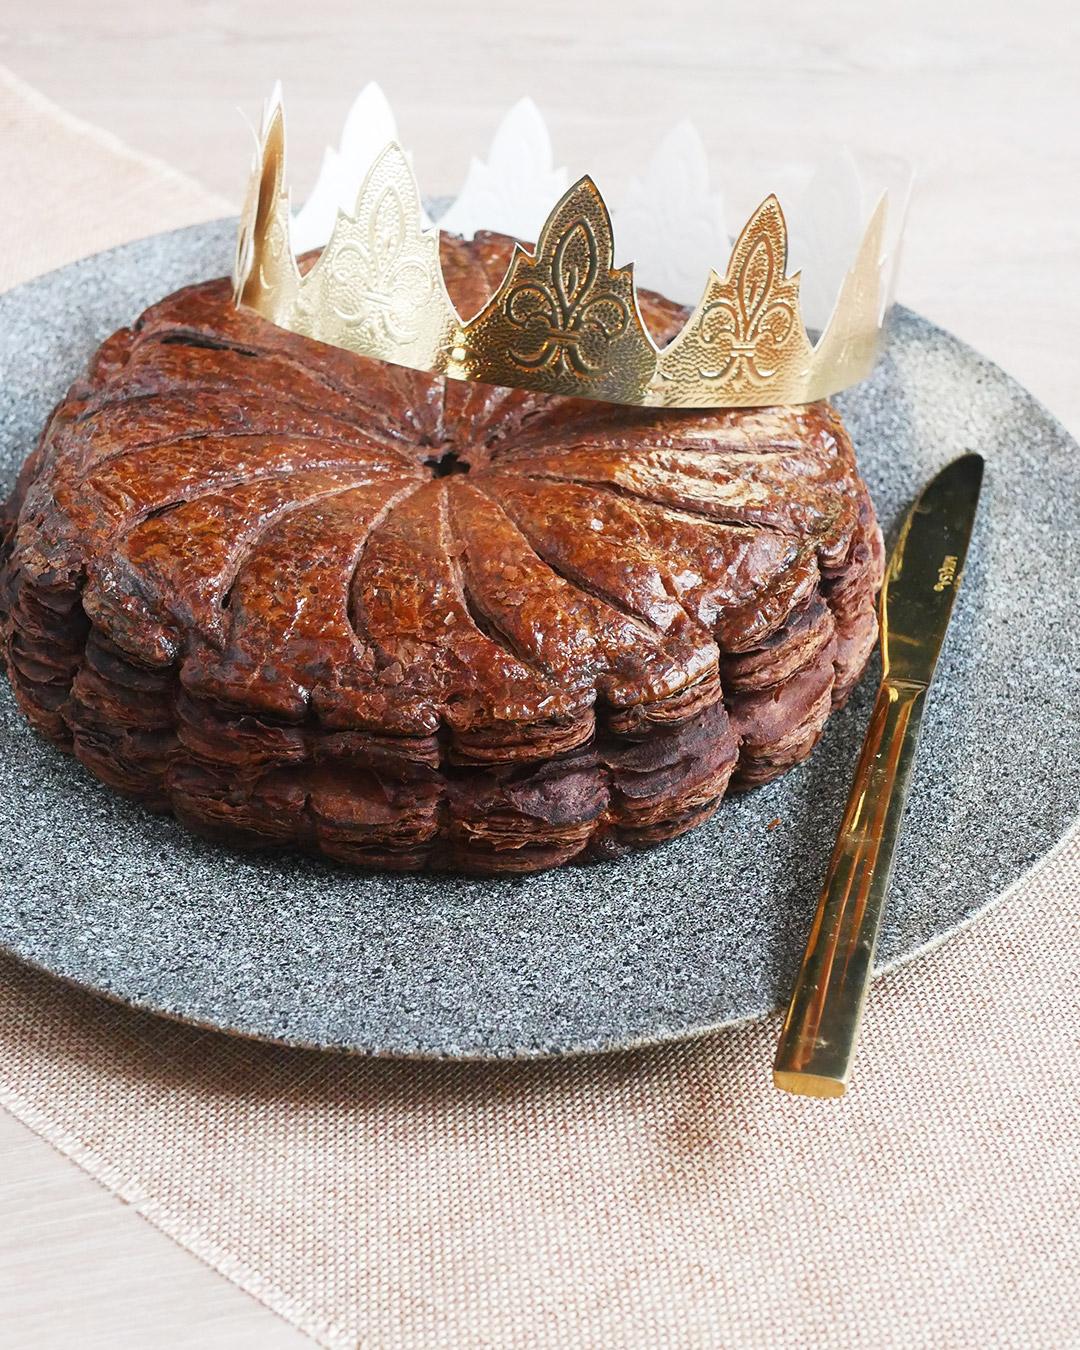 Recette galette des rois pâte feuilletée chocolat